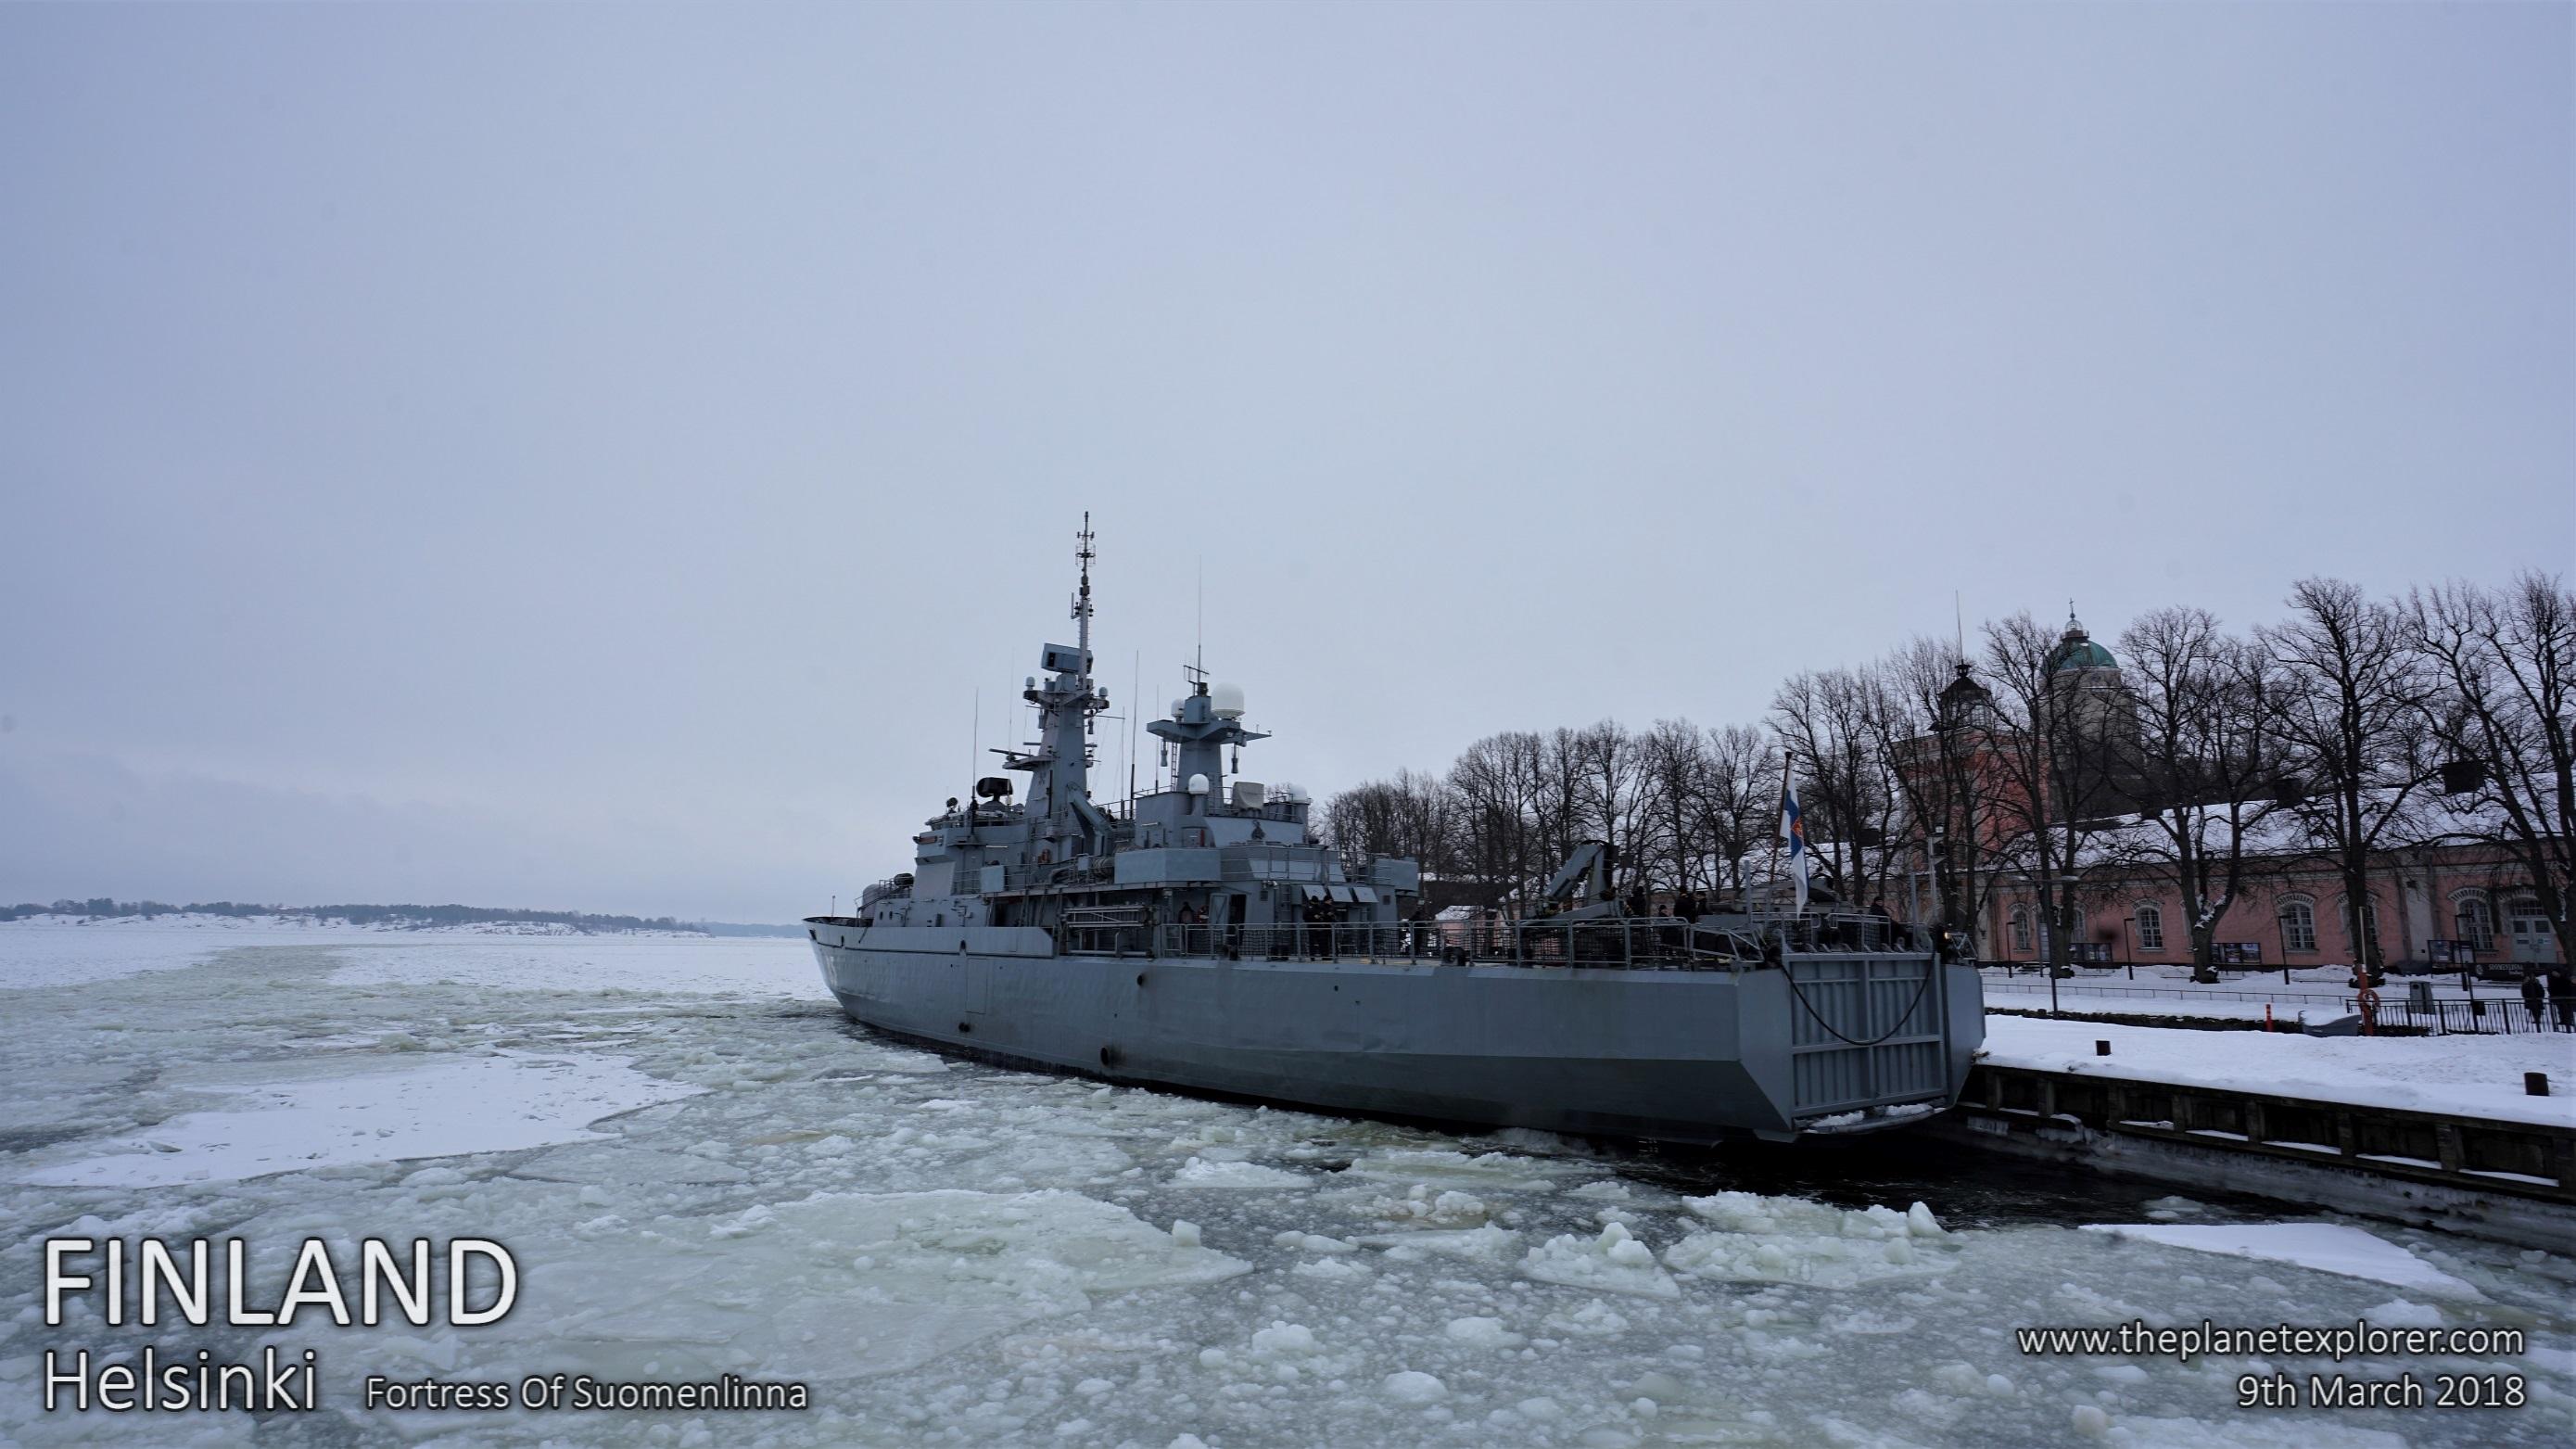 20180309_1501_Finland_Helsinki_Fortress Of Suomenlinna_DSC00258_Sony a7R2_LR_@www